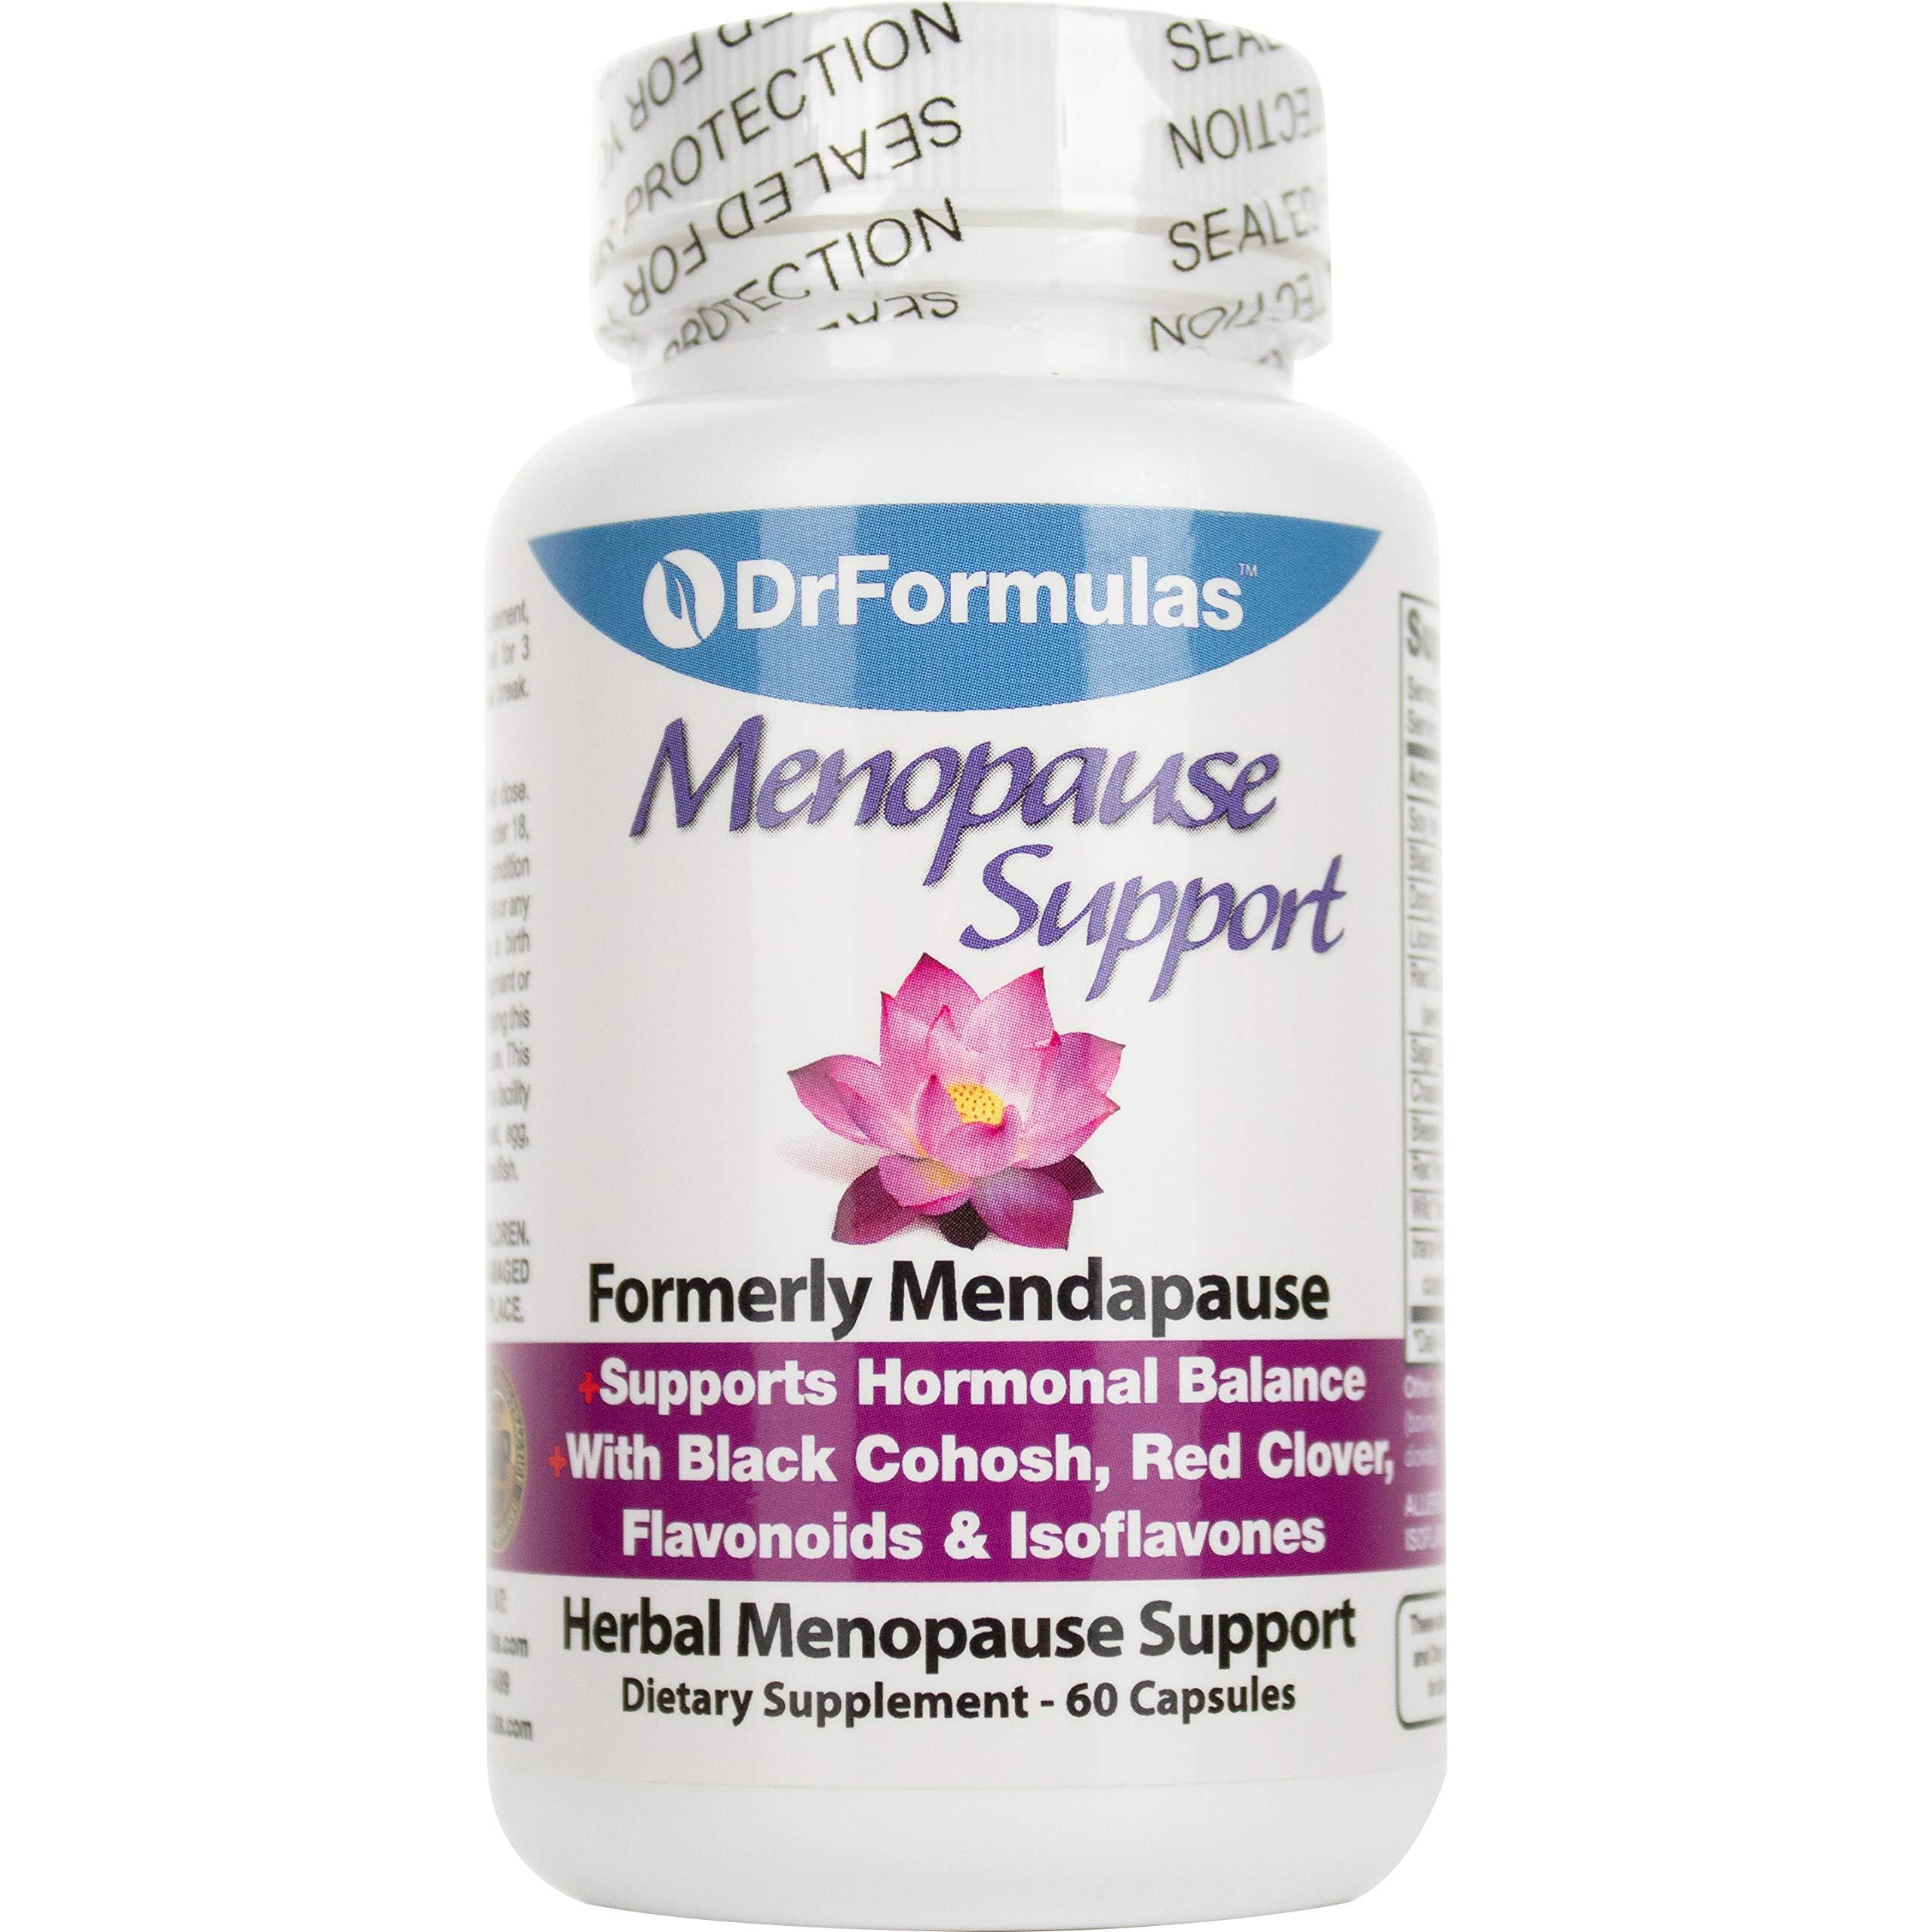 DrFormulas Menopause Supplement, Cream, 60 Count